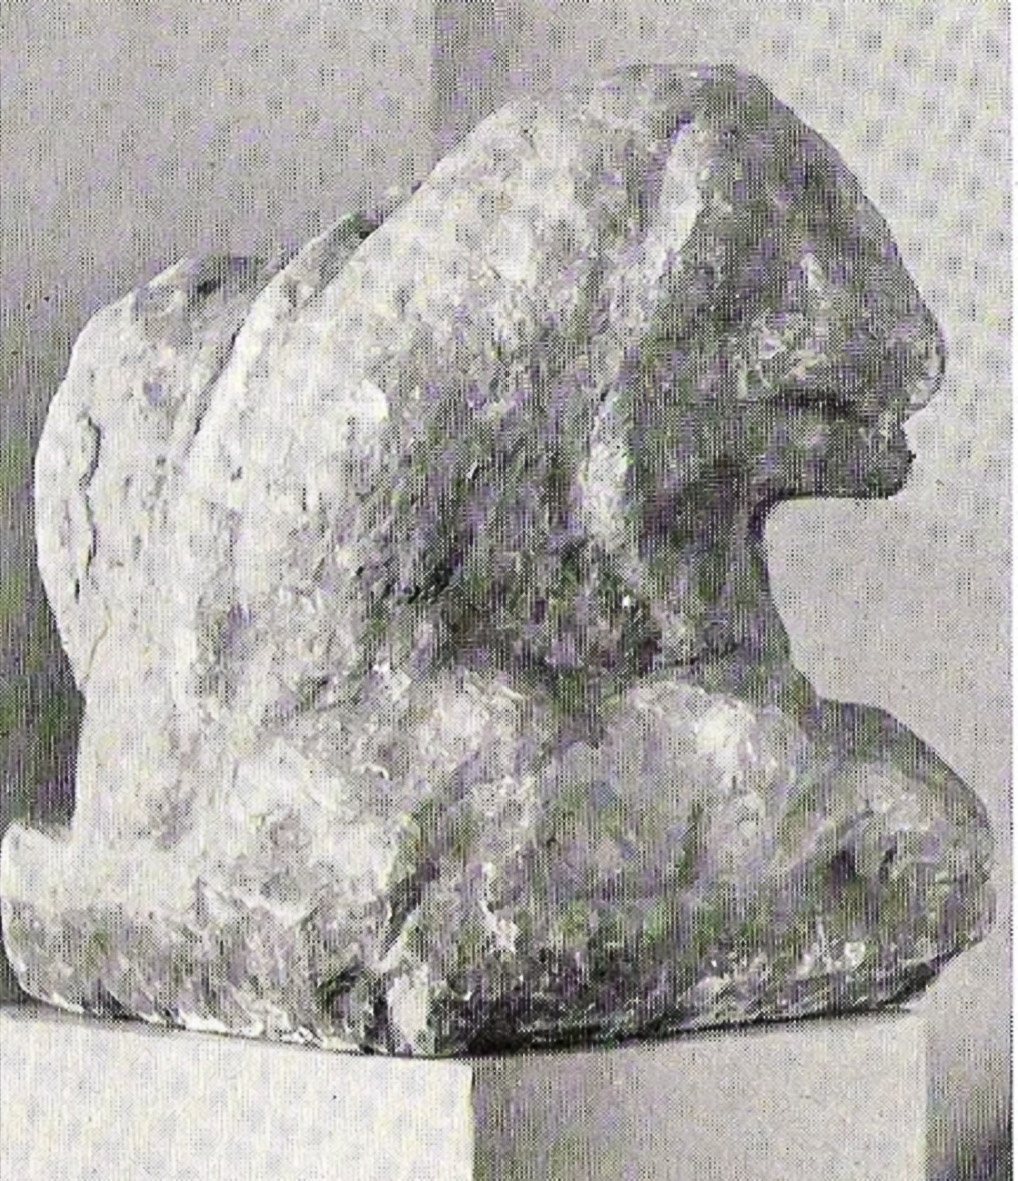 steinstr-73